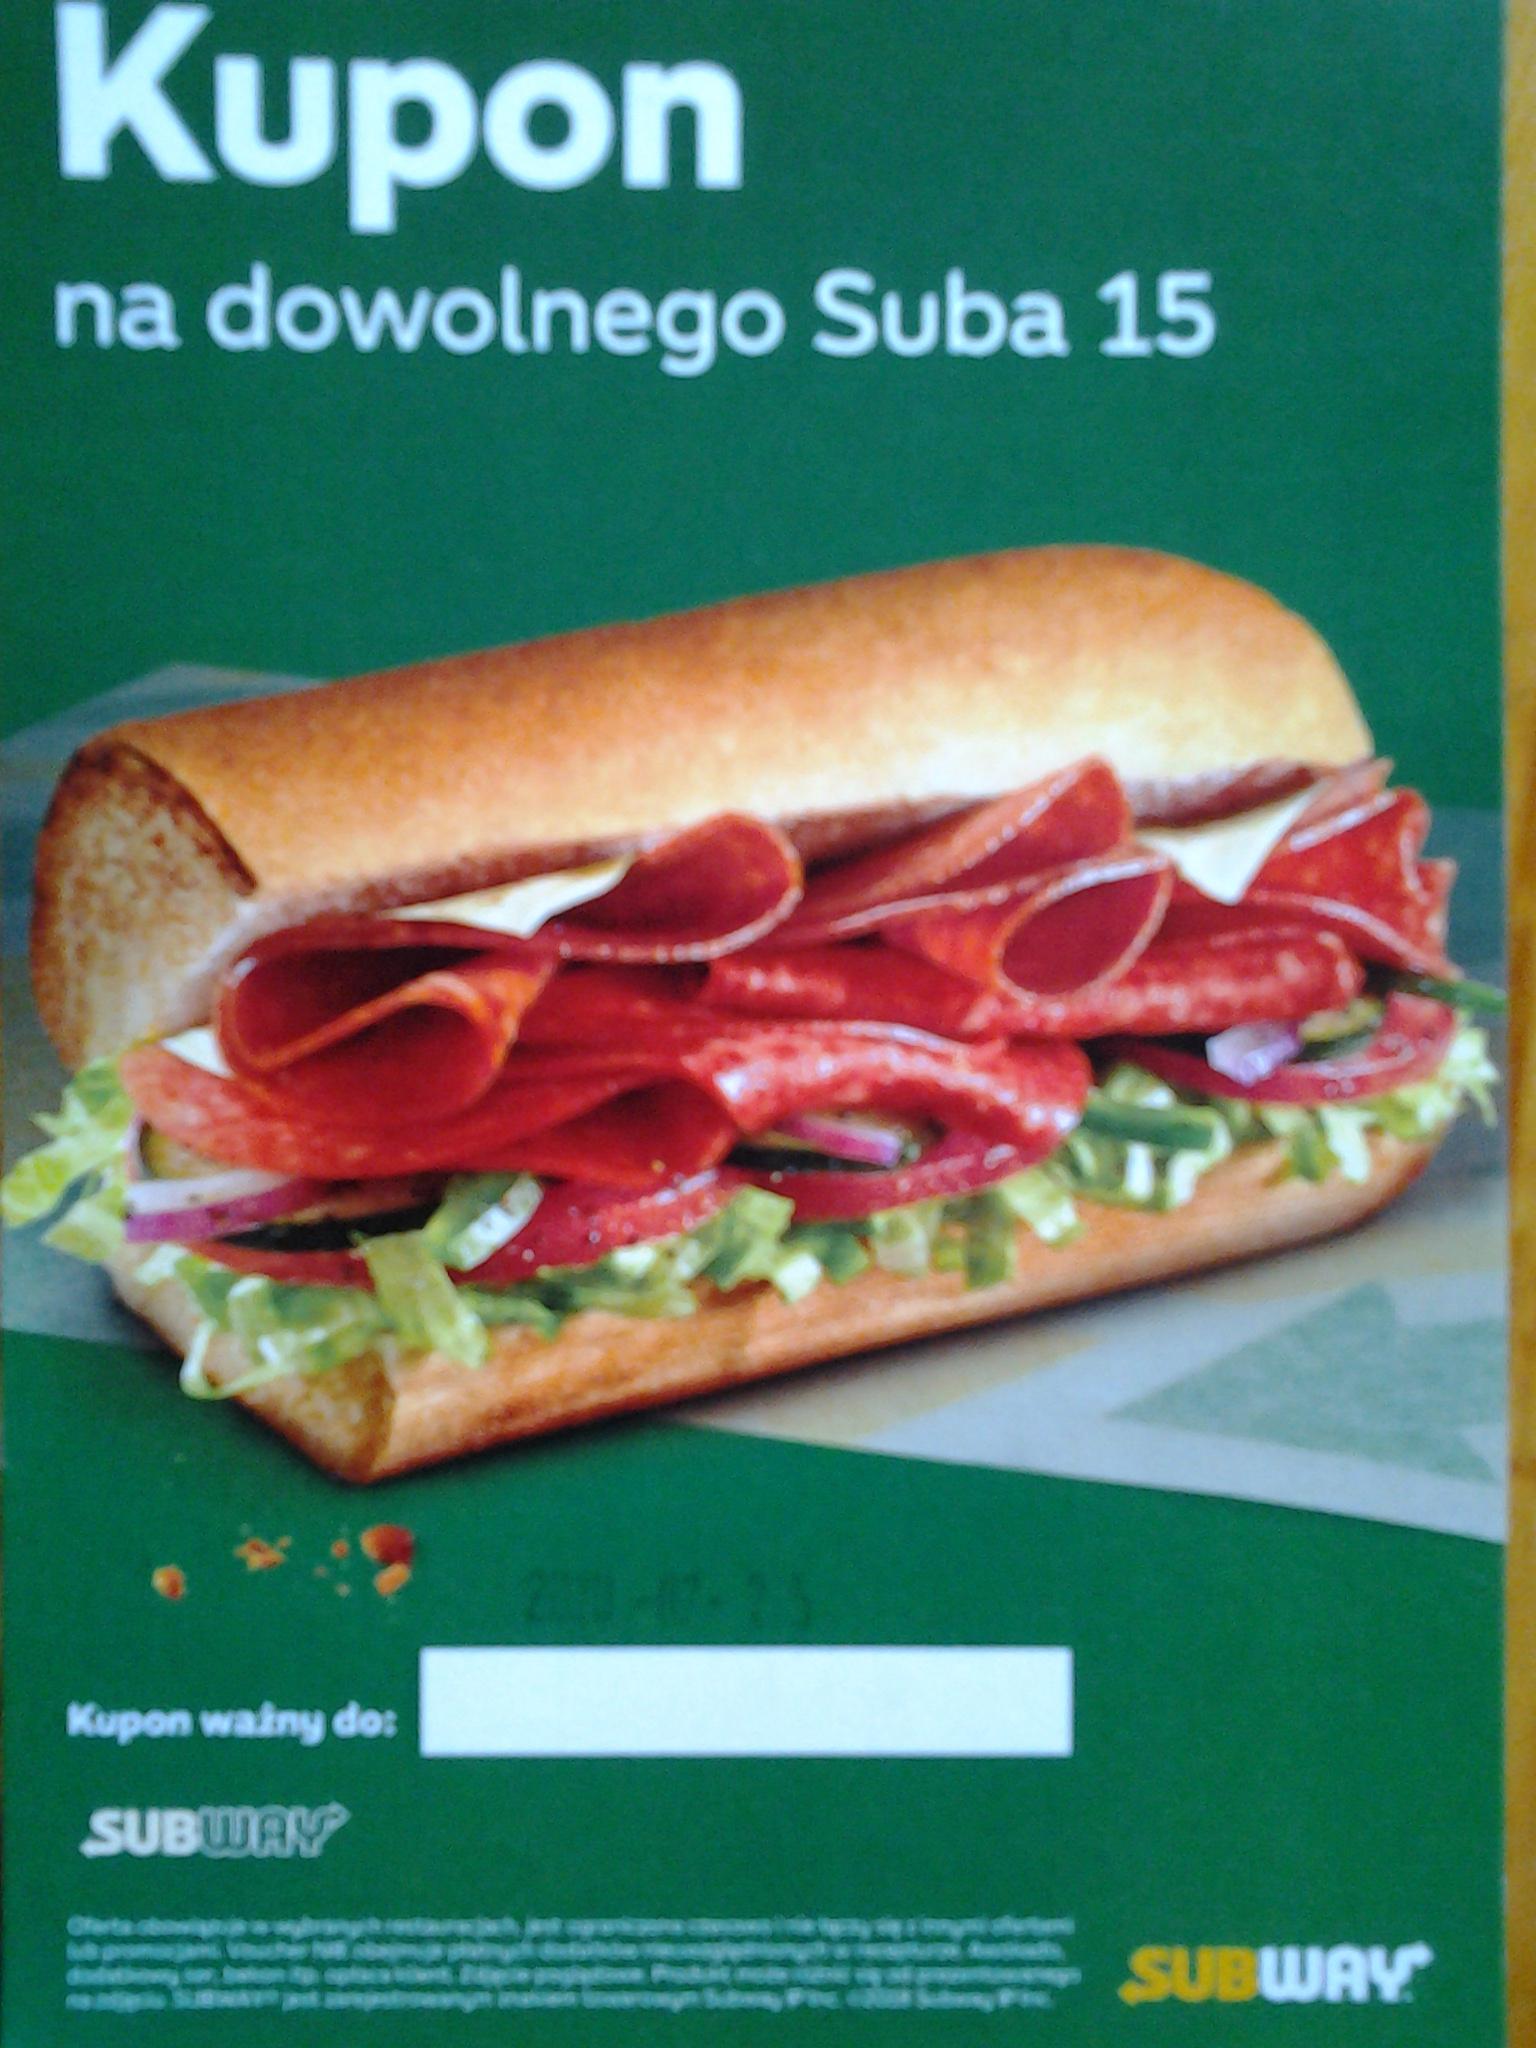 Kupon na dowolnego SUBA15 + peleryna przeciwdeszczowa - Subway (Gdynia Główna)